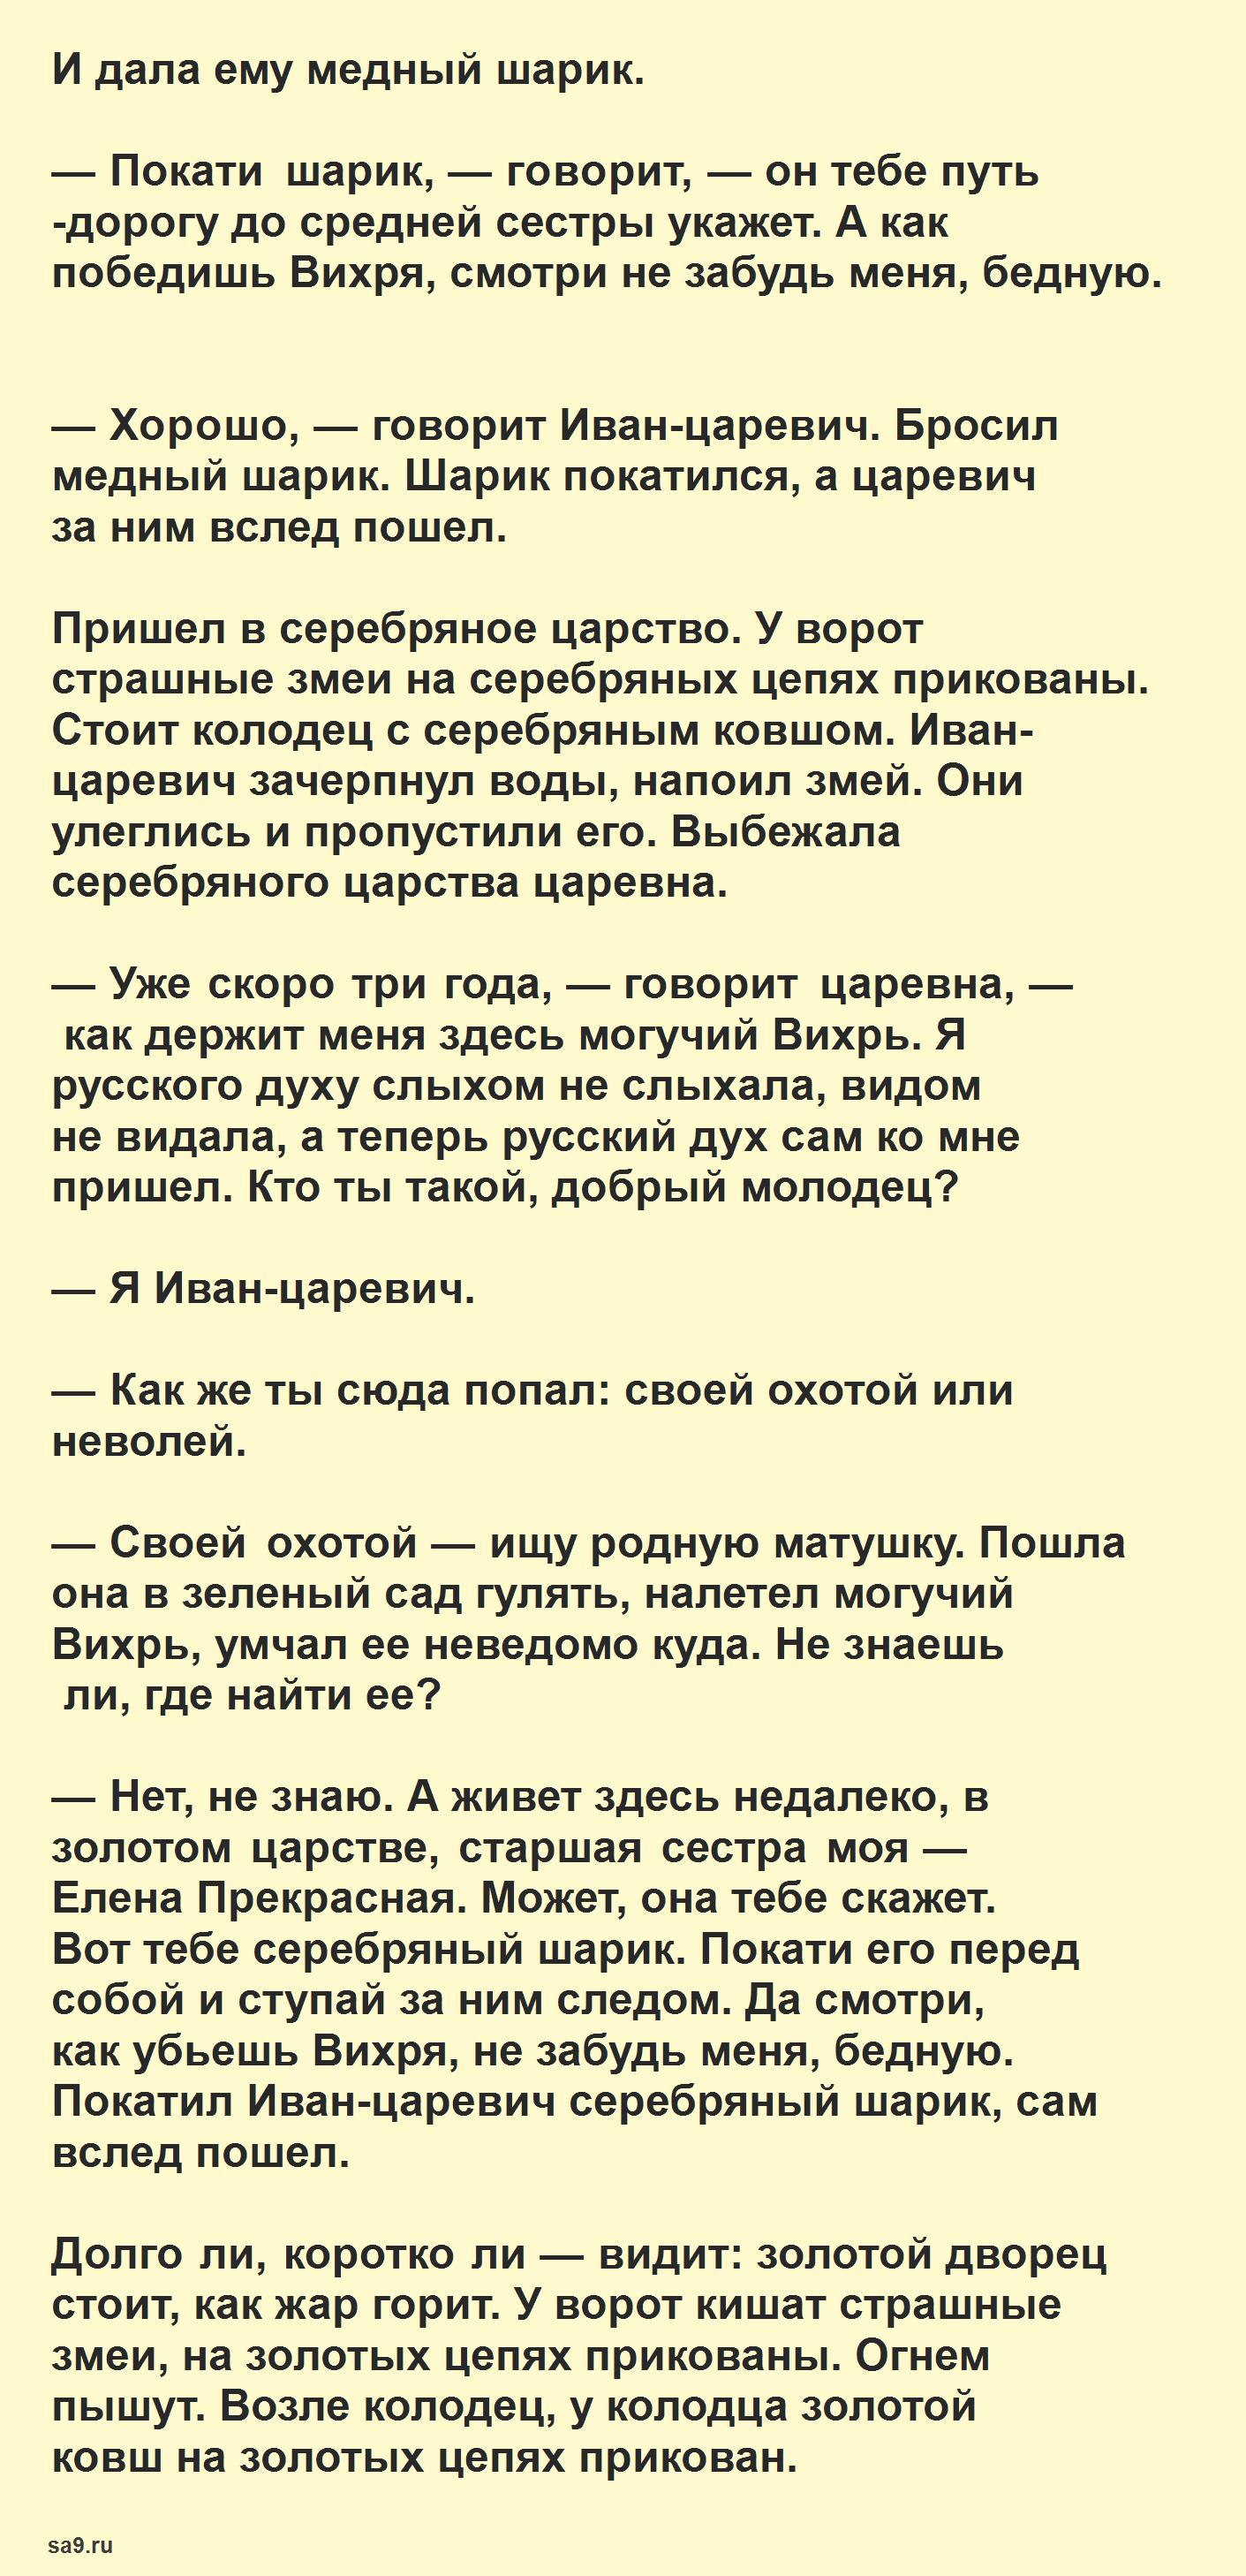 Читать русскую народную сказку - Медное, серебряное, золотое царство